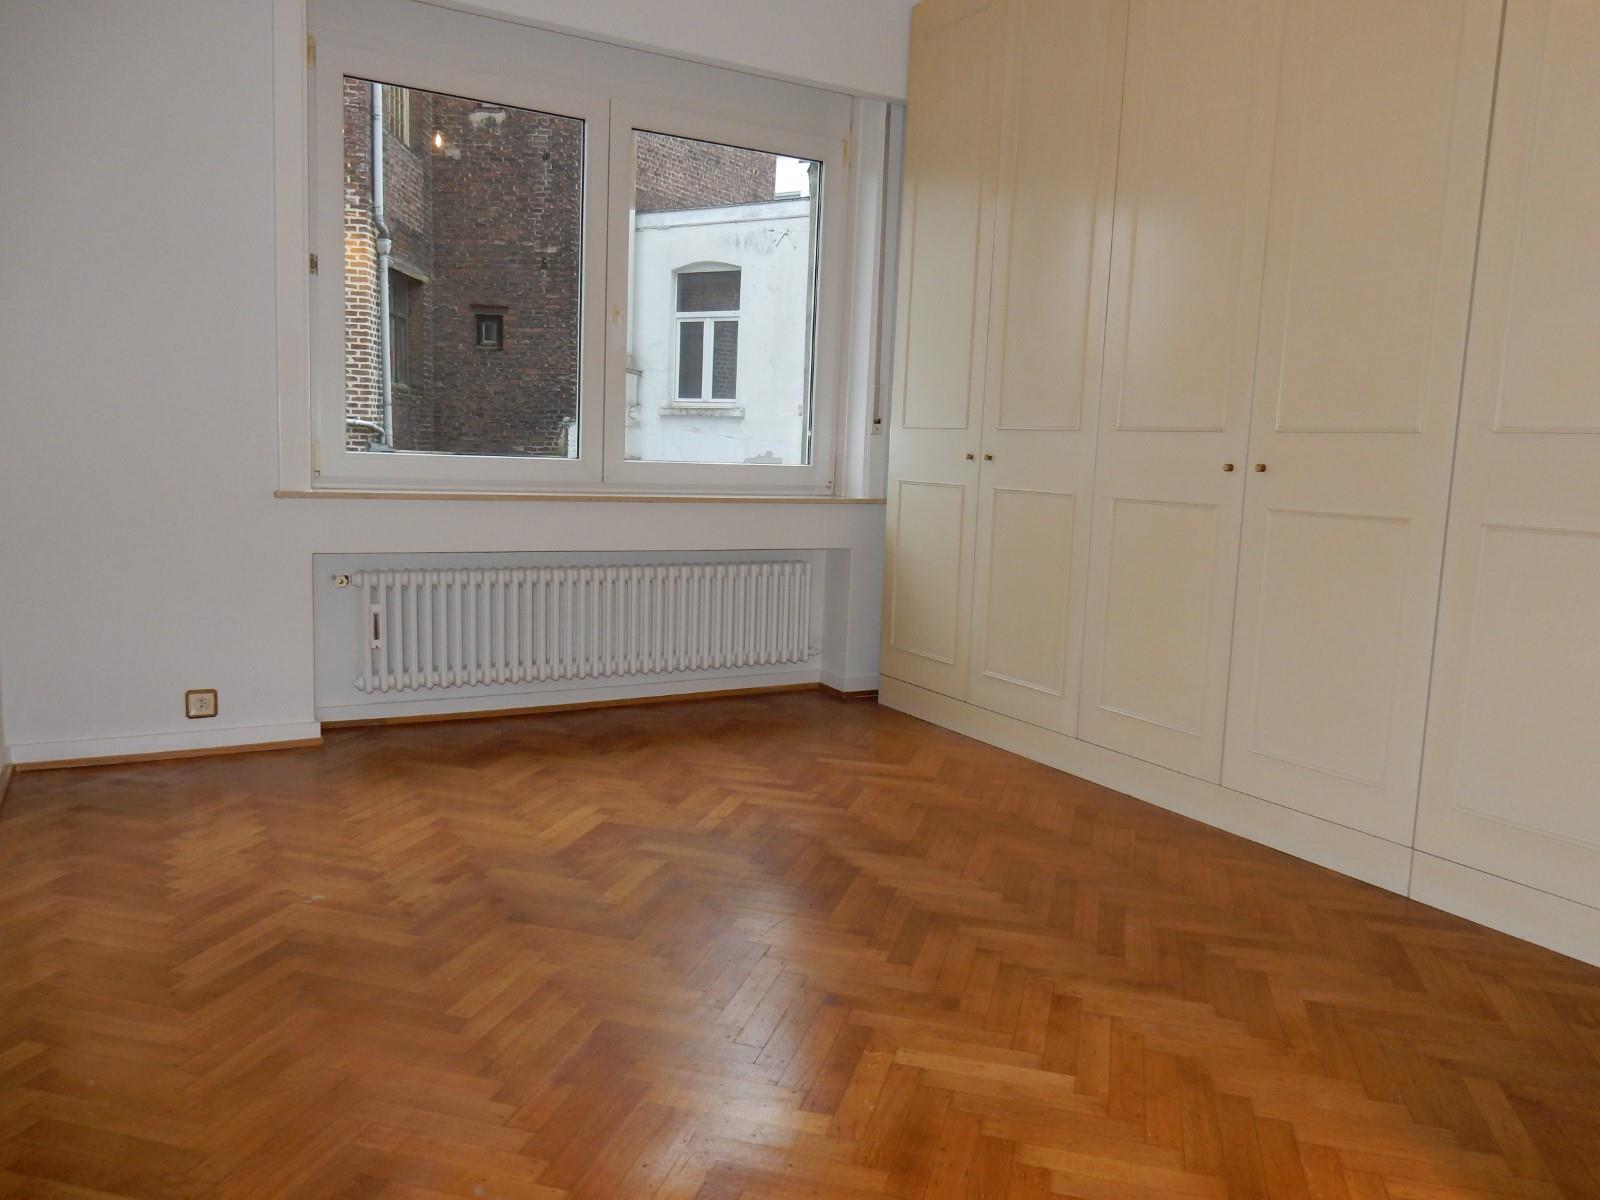 Flat - Ixelles - #3270517-8